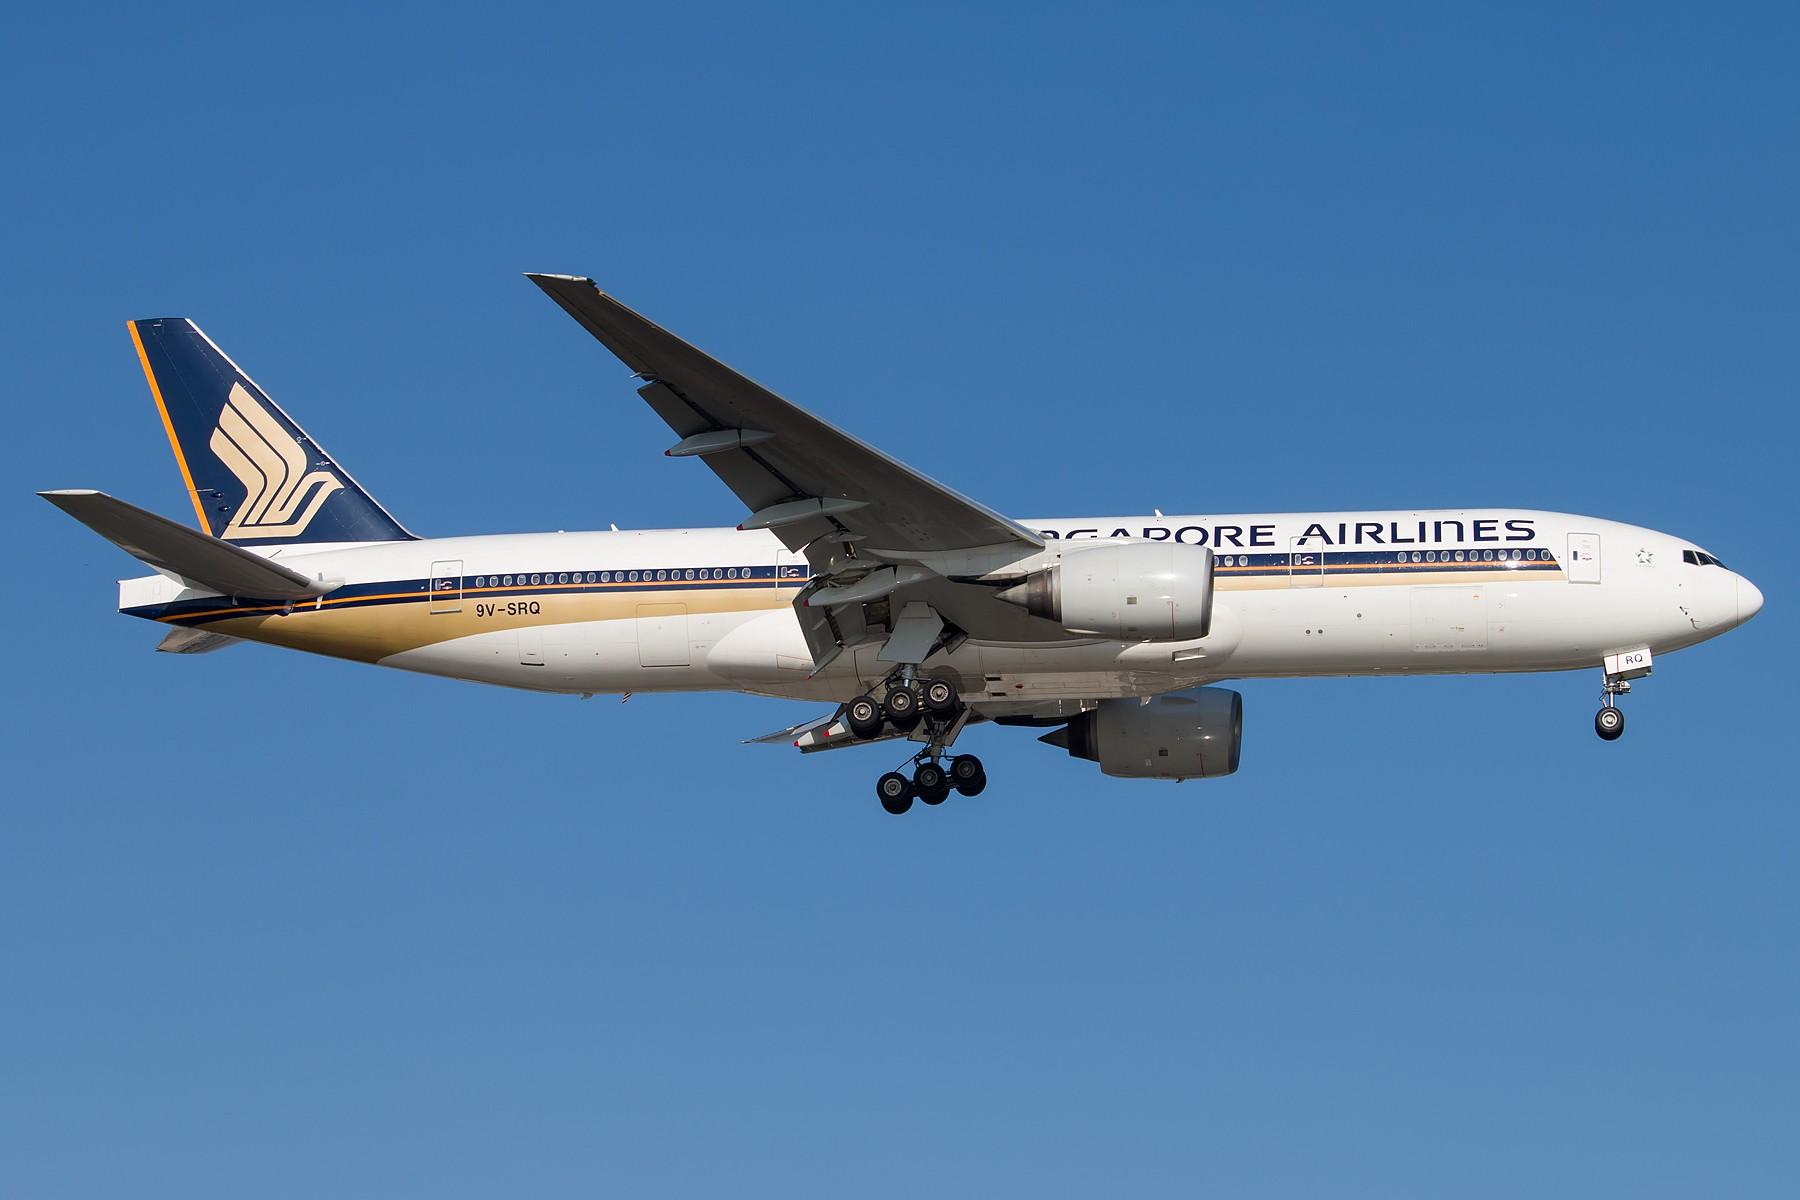 Re:[原创]亮亮哒 1800*1200 [5pics] BOEING B777-200ER 9V-SRQ 中国北京首都国际机场